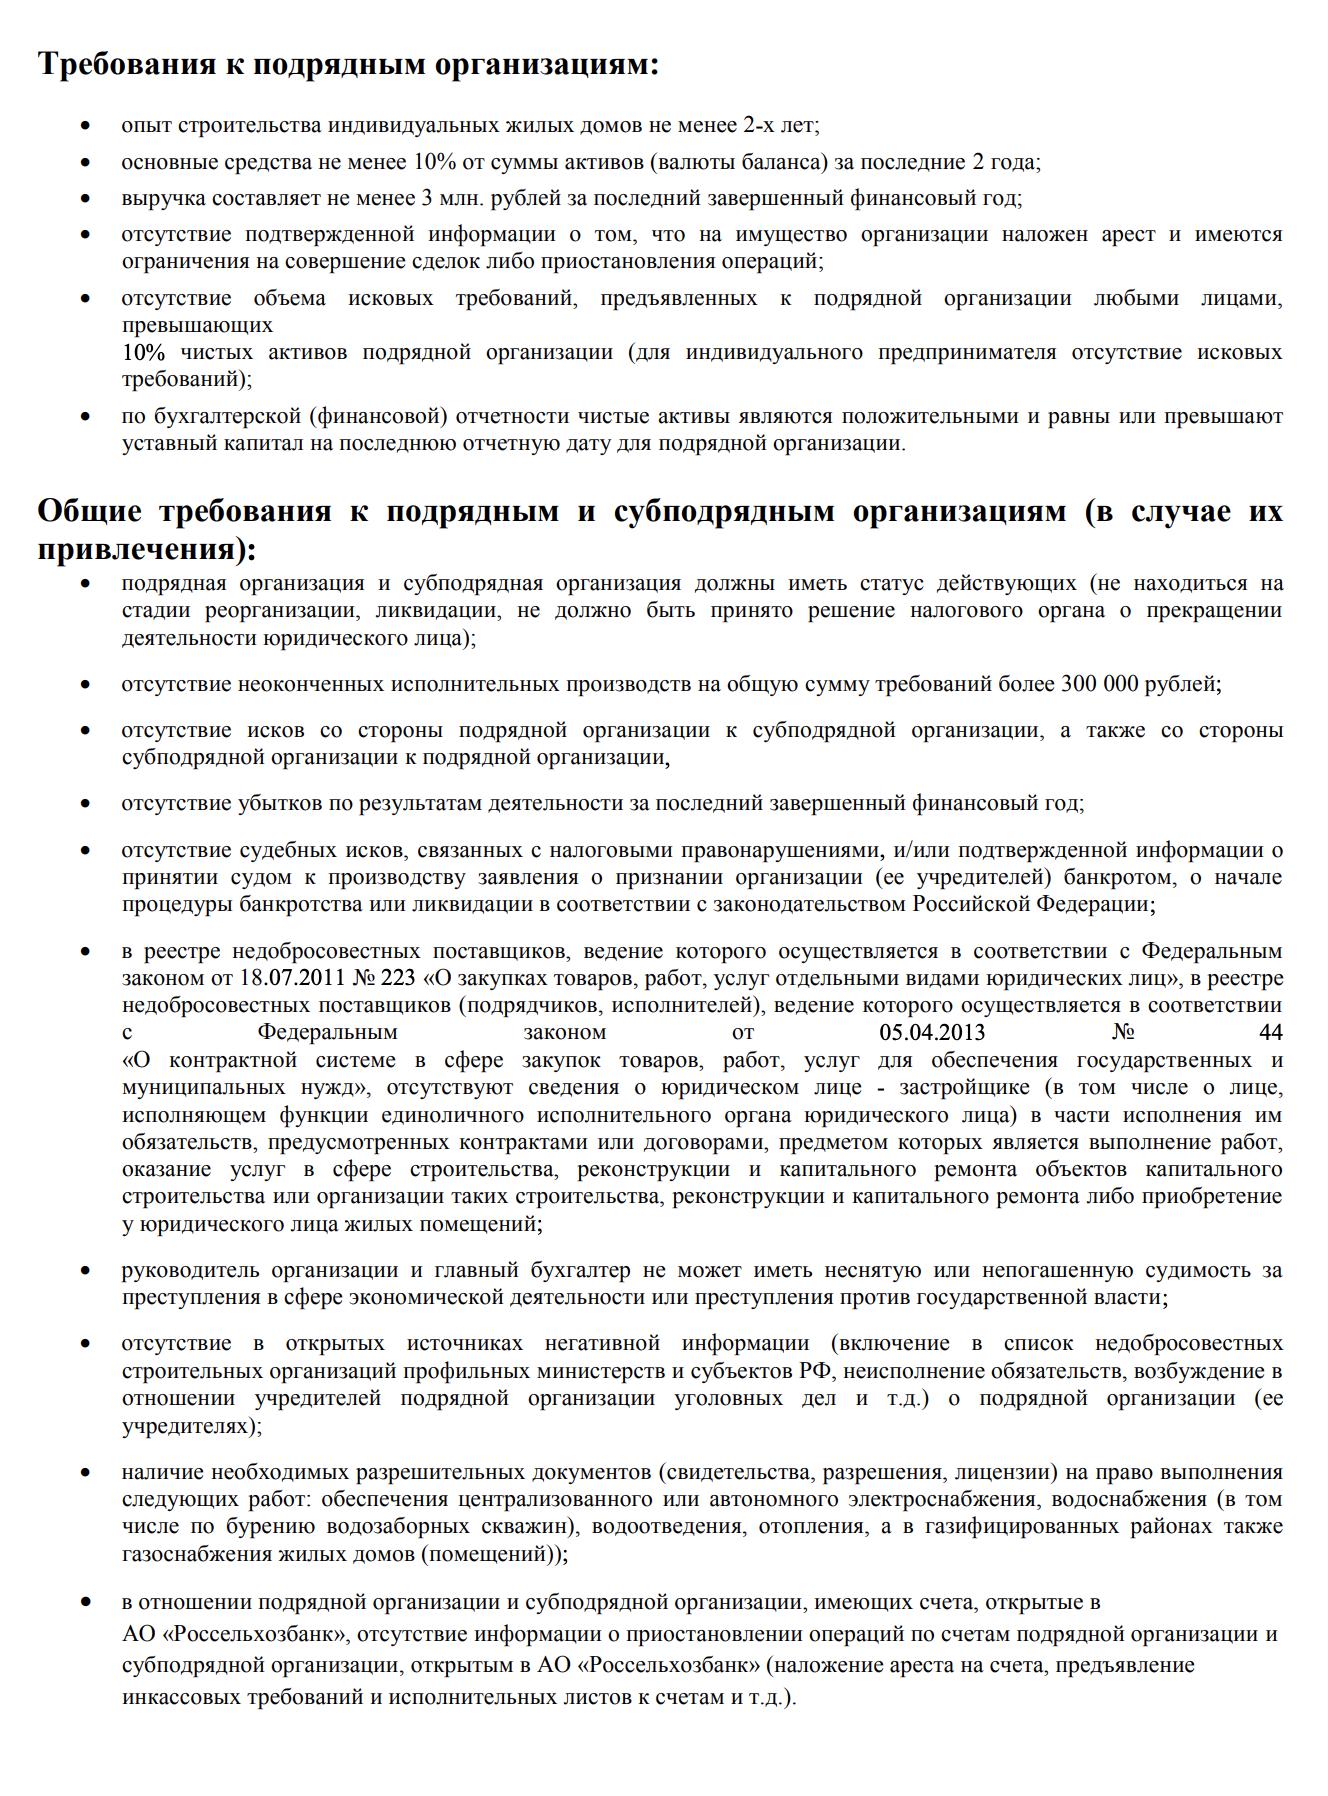 Такие требования к подрядным организациям предъявляет Россельхозбанк